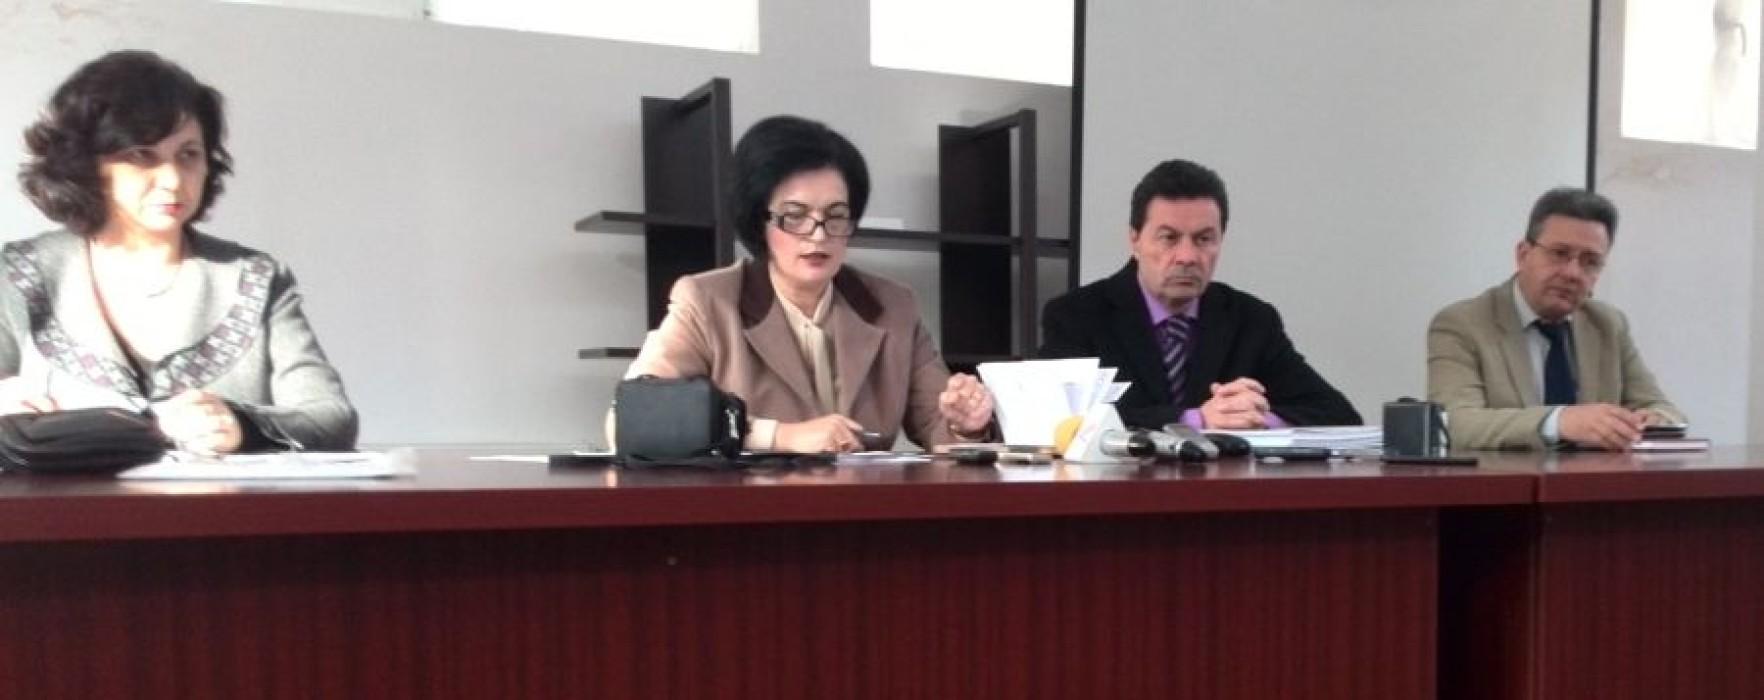 Primăria Târgovişte a anunţat IŞJ că până la sfârşitul săptămânii viitoare va rezolva problema căldurii din şcoli (video)